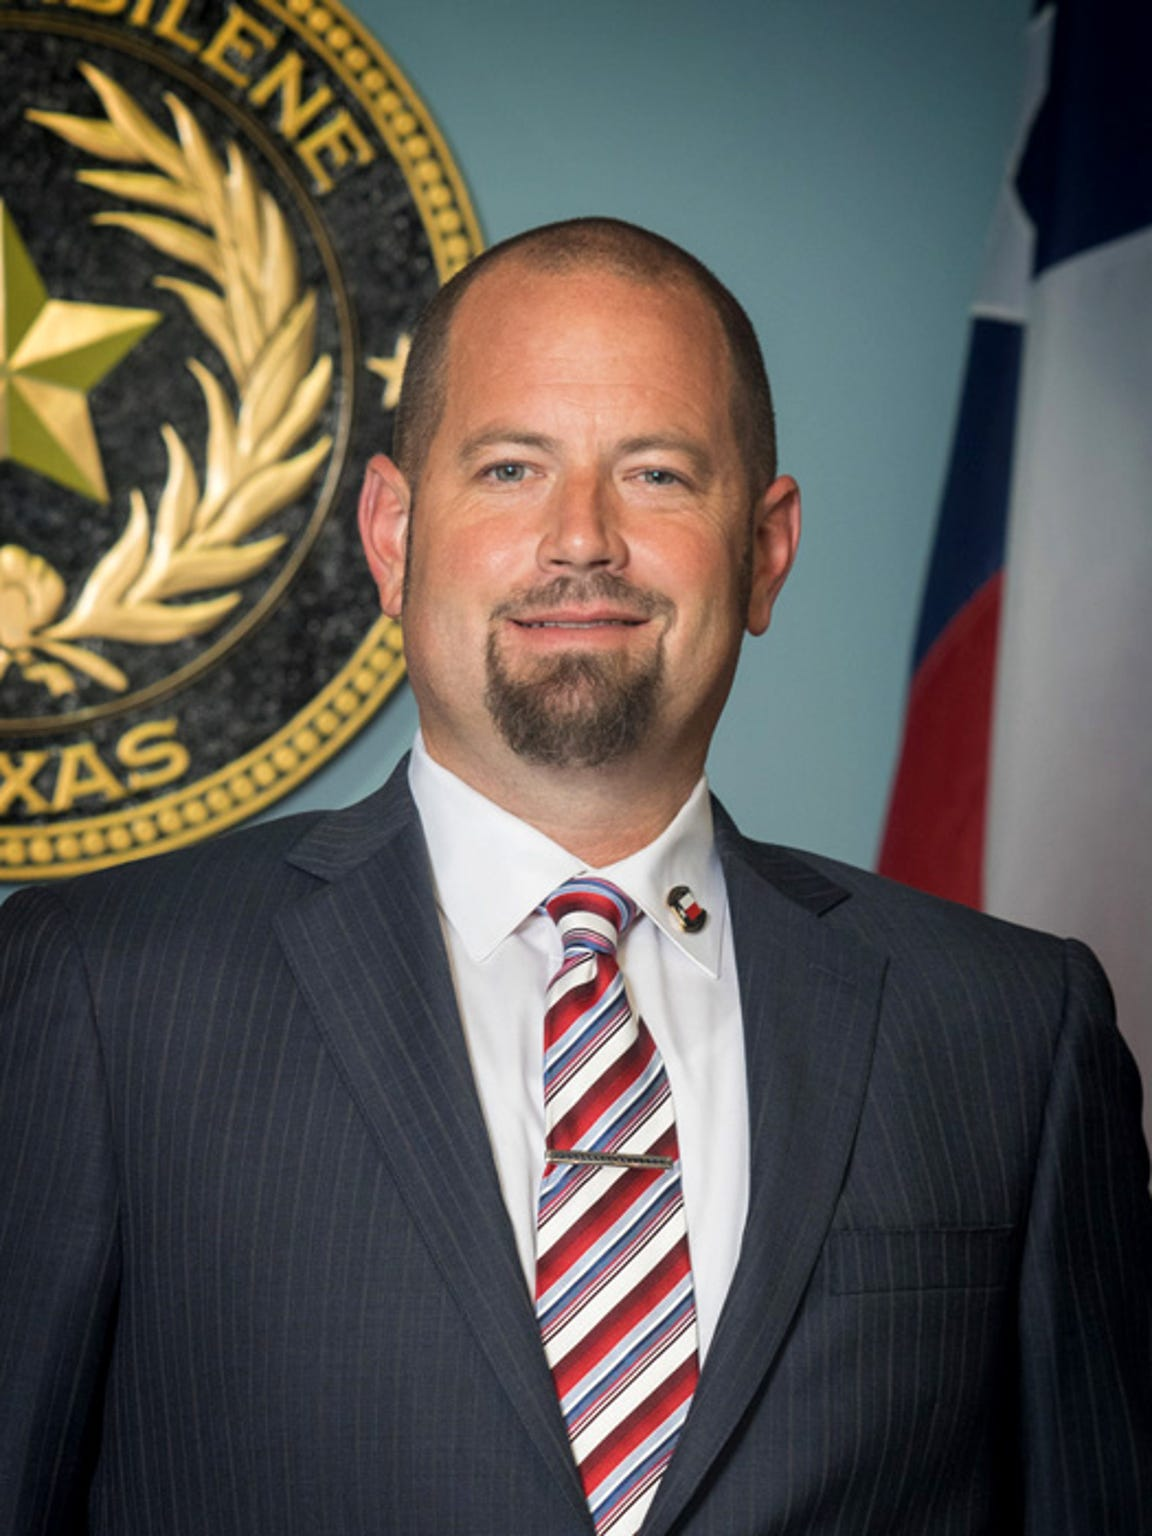 Steve Savage, Place 6 on Abilene City Council